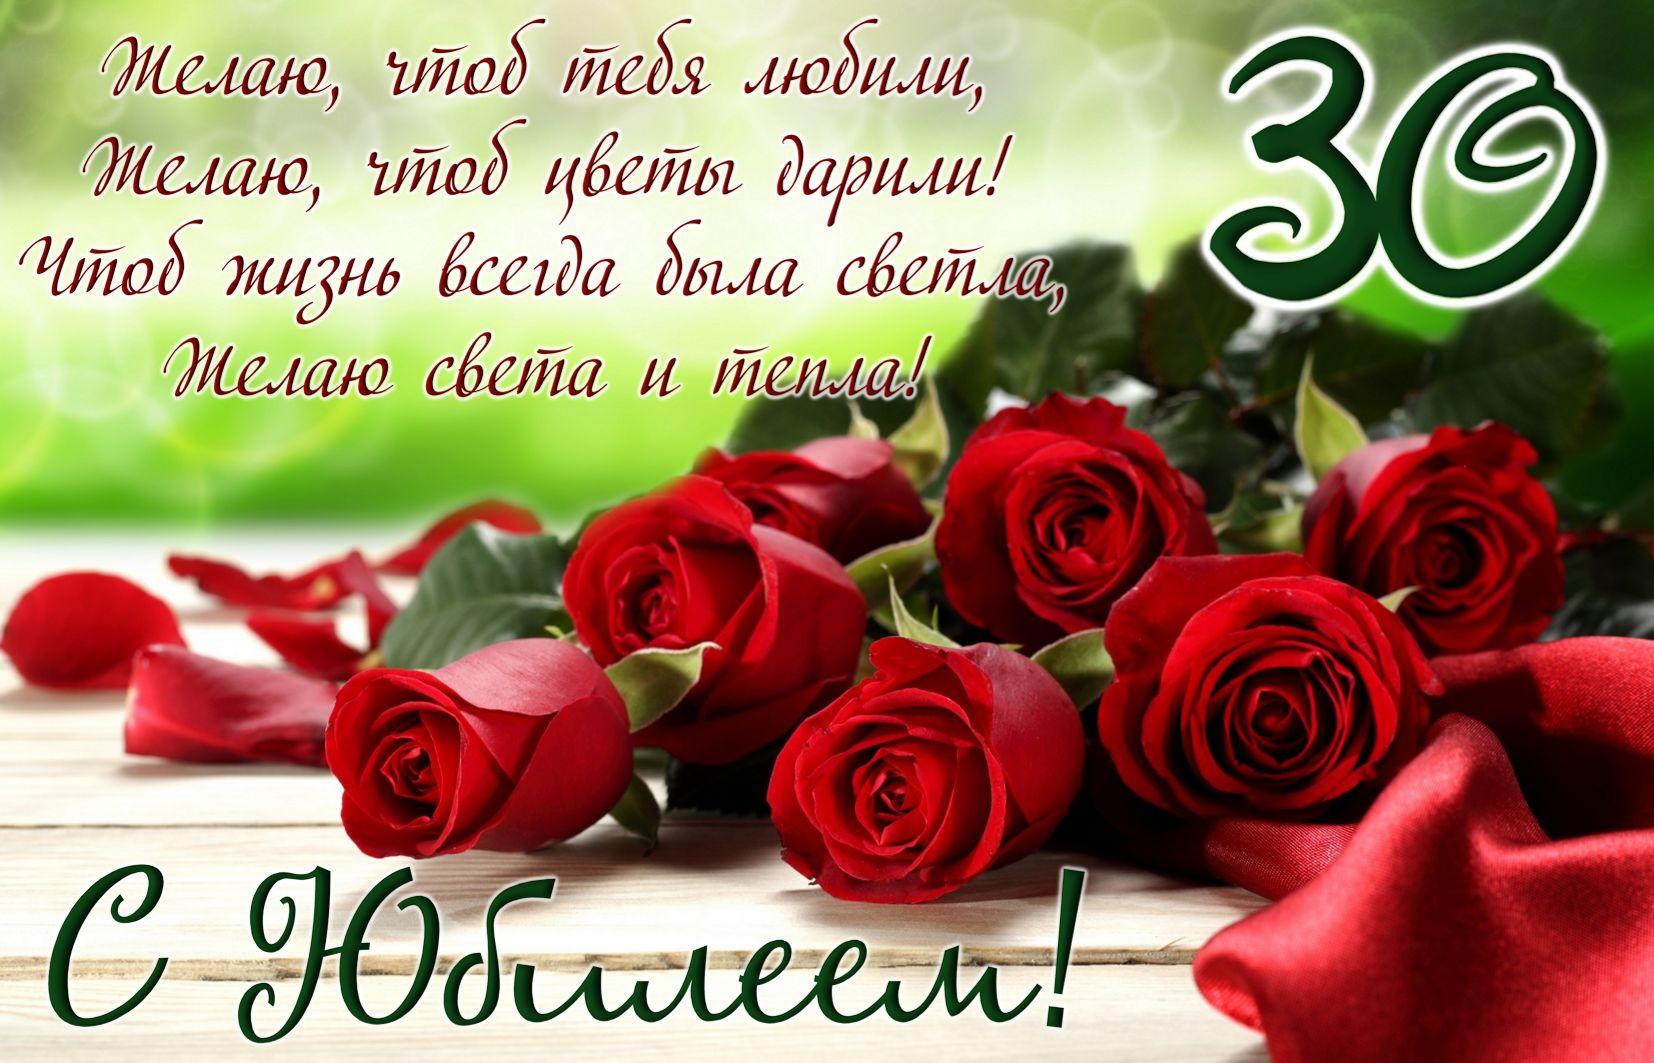 Открытка с красными розами к юбилею 30 лет